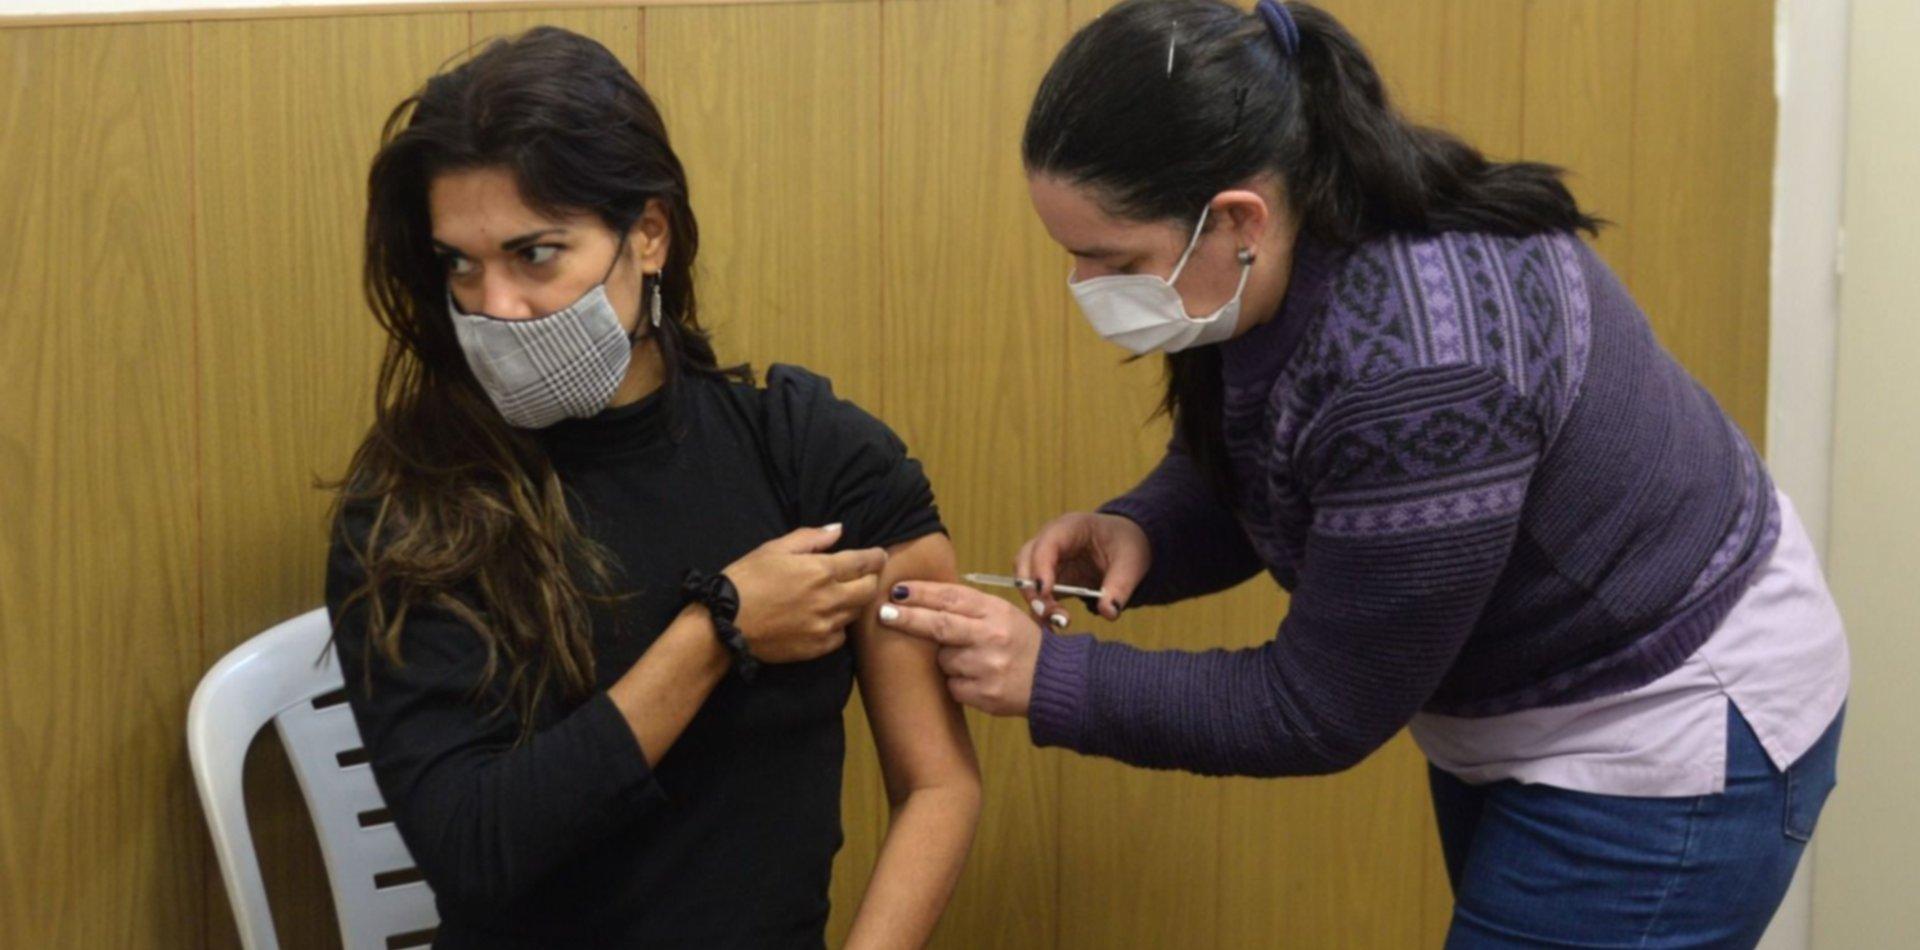 Provincia envió más de 600 mil turnos para vacunar a jóvenes de 18 a 29 años